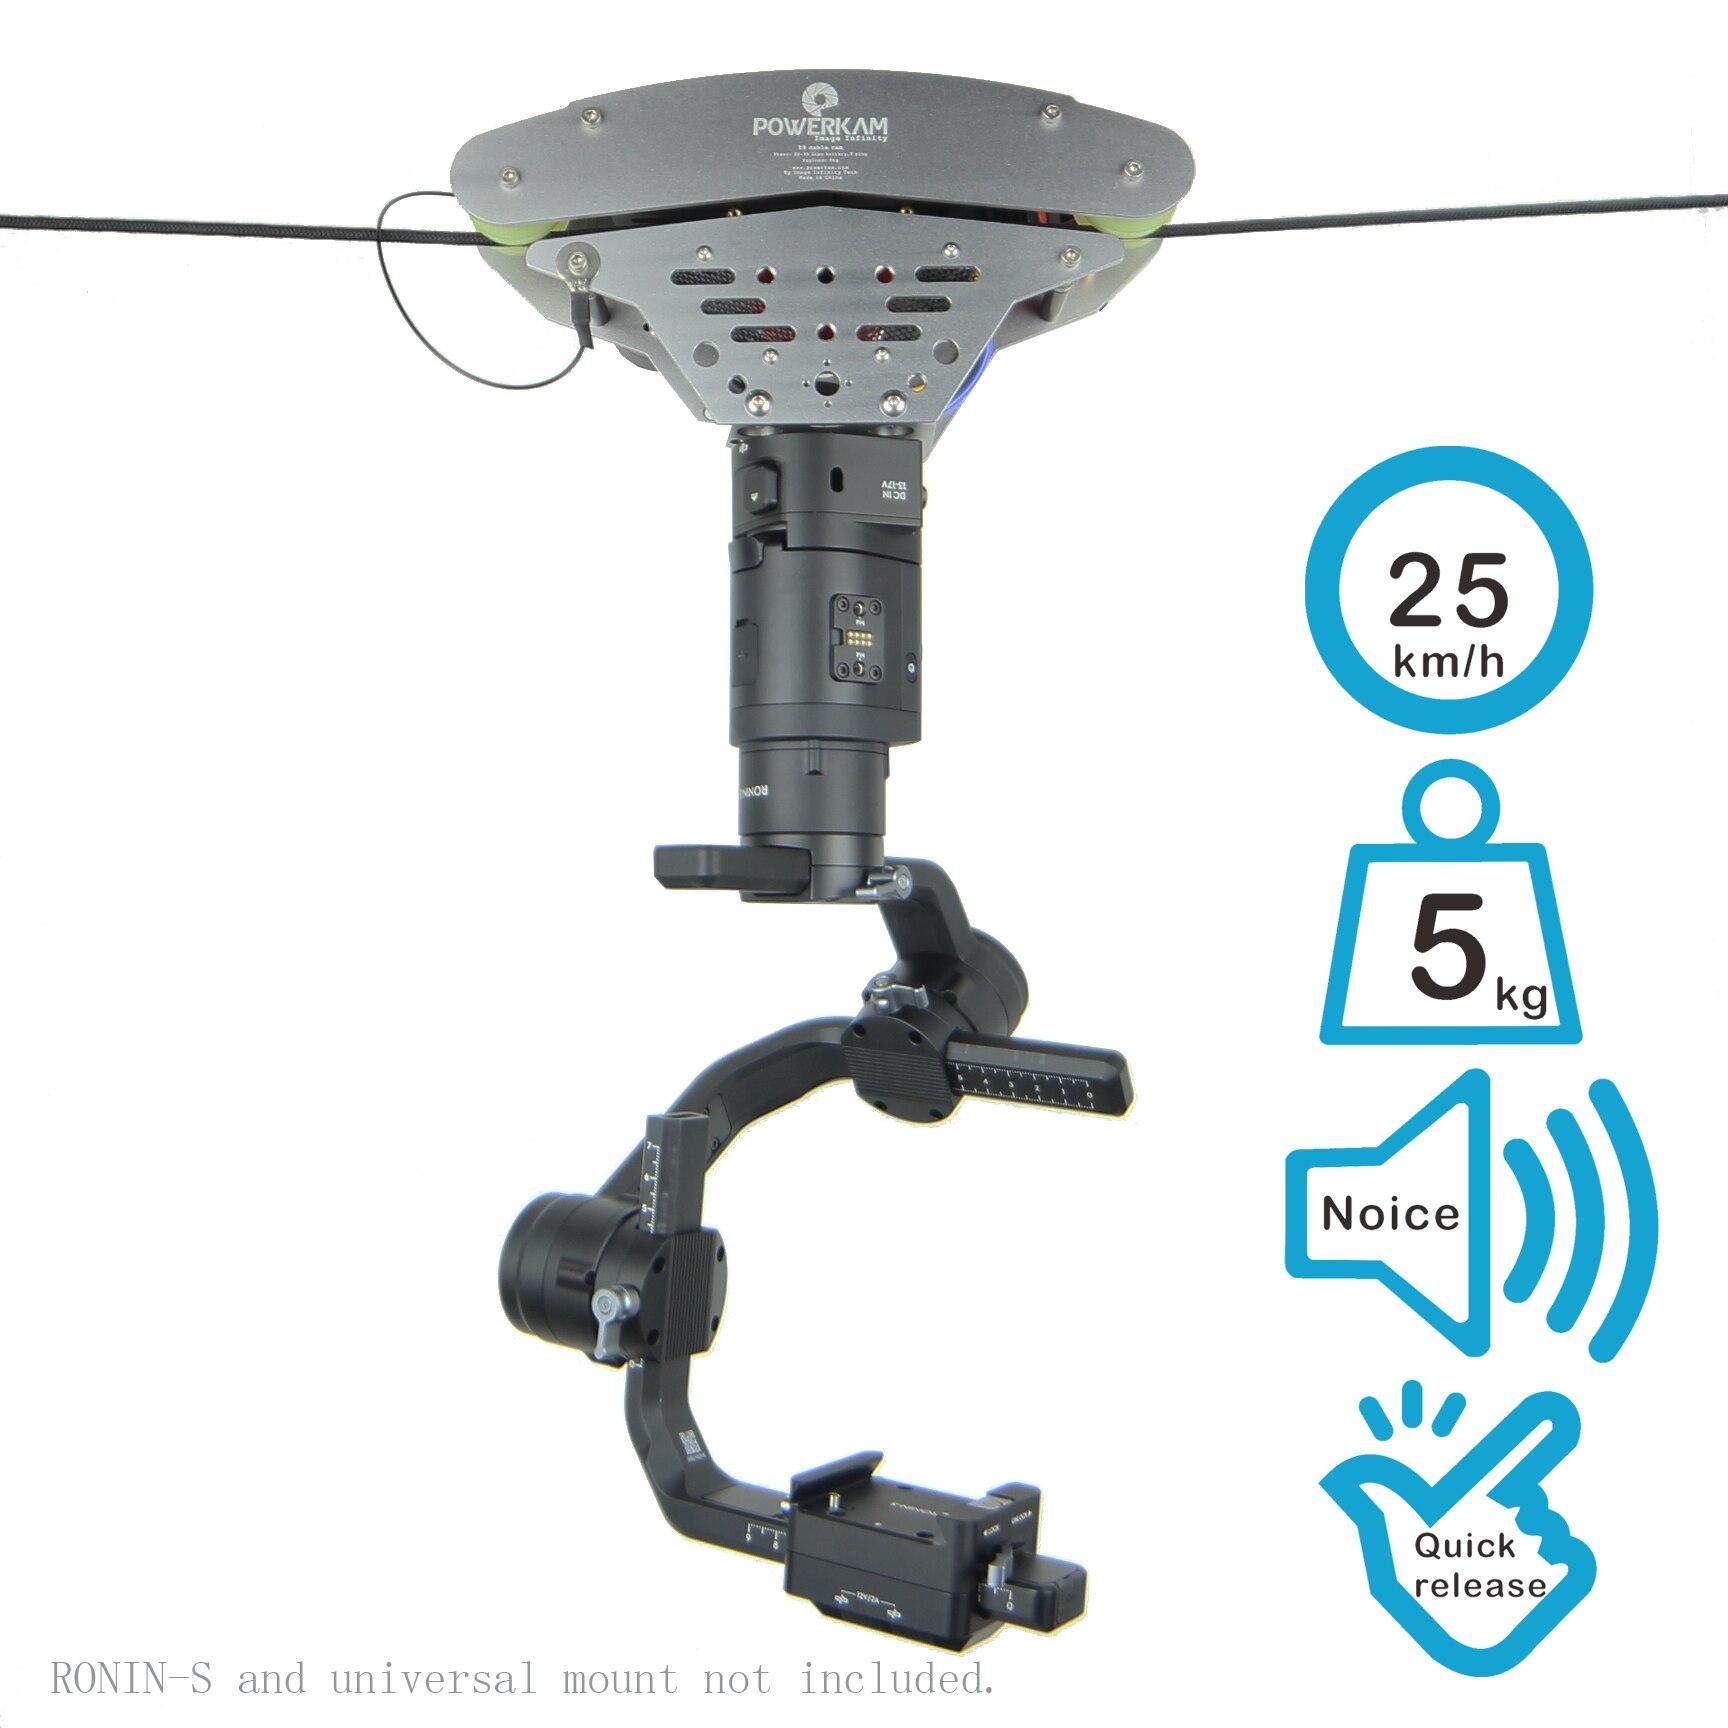 T3 haute qualité et couple élevé câble cam rc tir dolly pour RONIN S, MOZA, grue, BEHOLDER stabilisateur